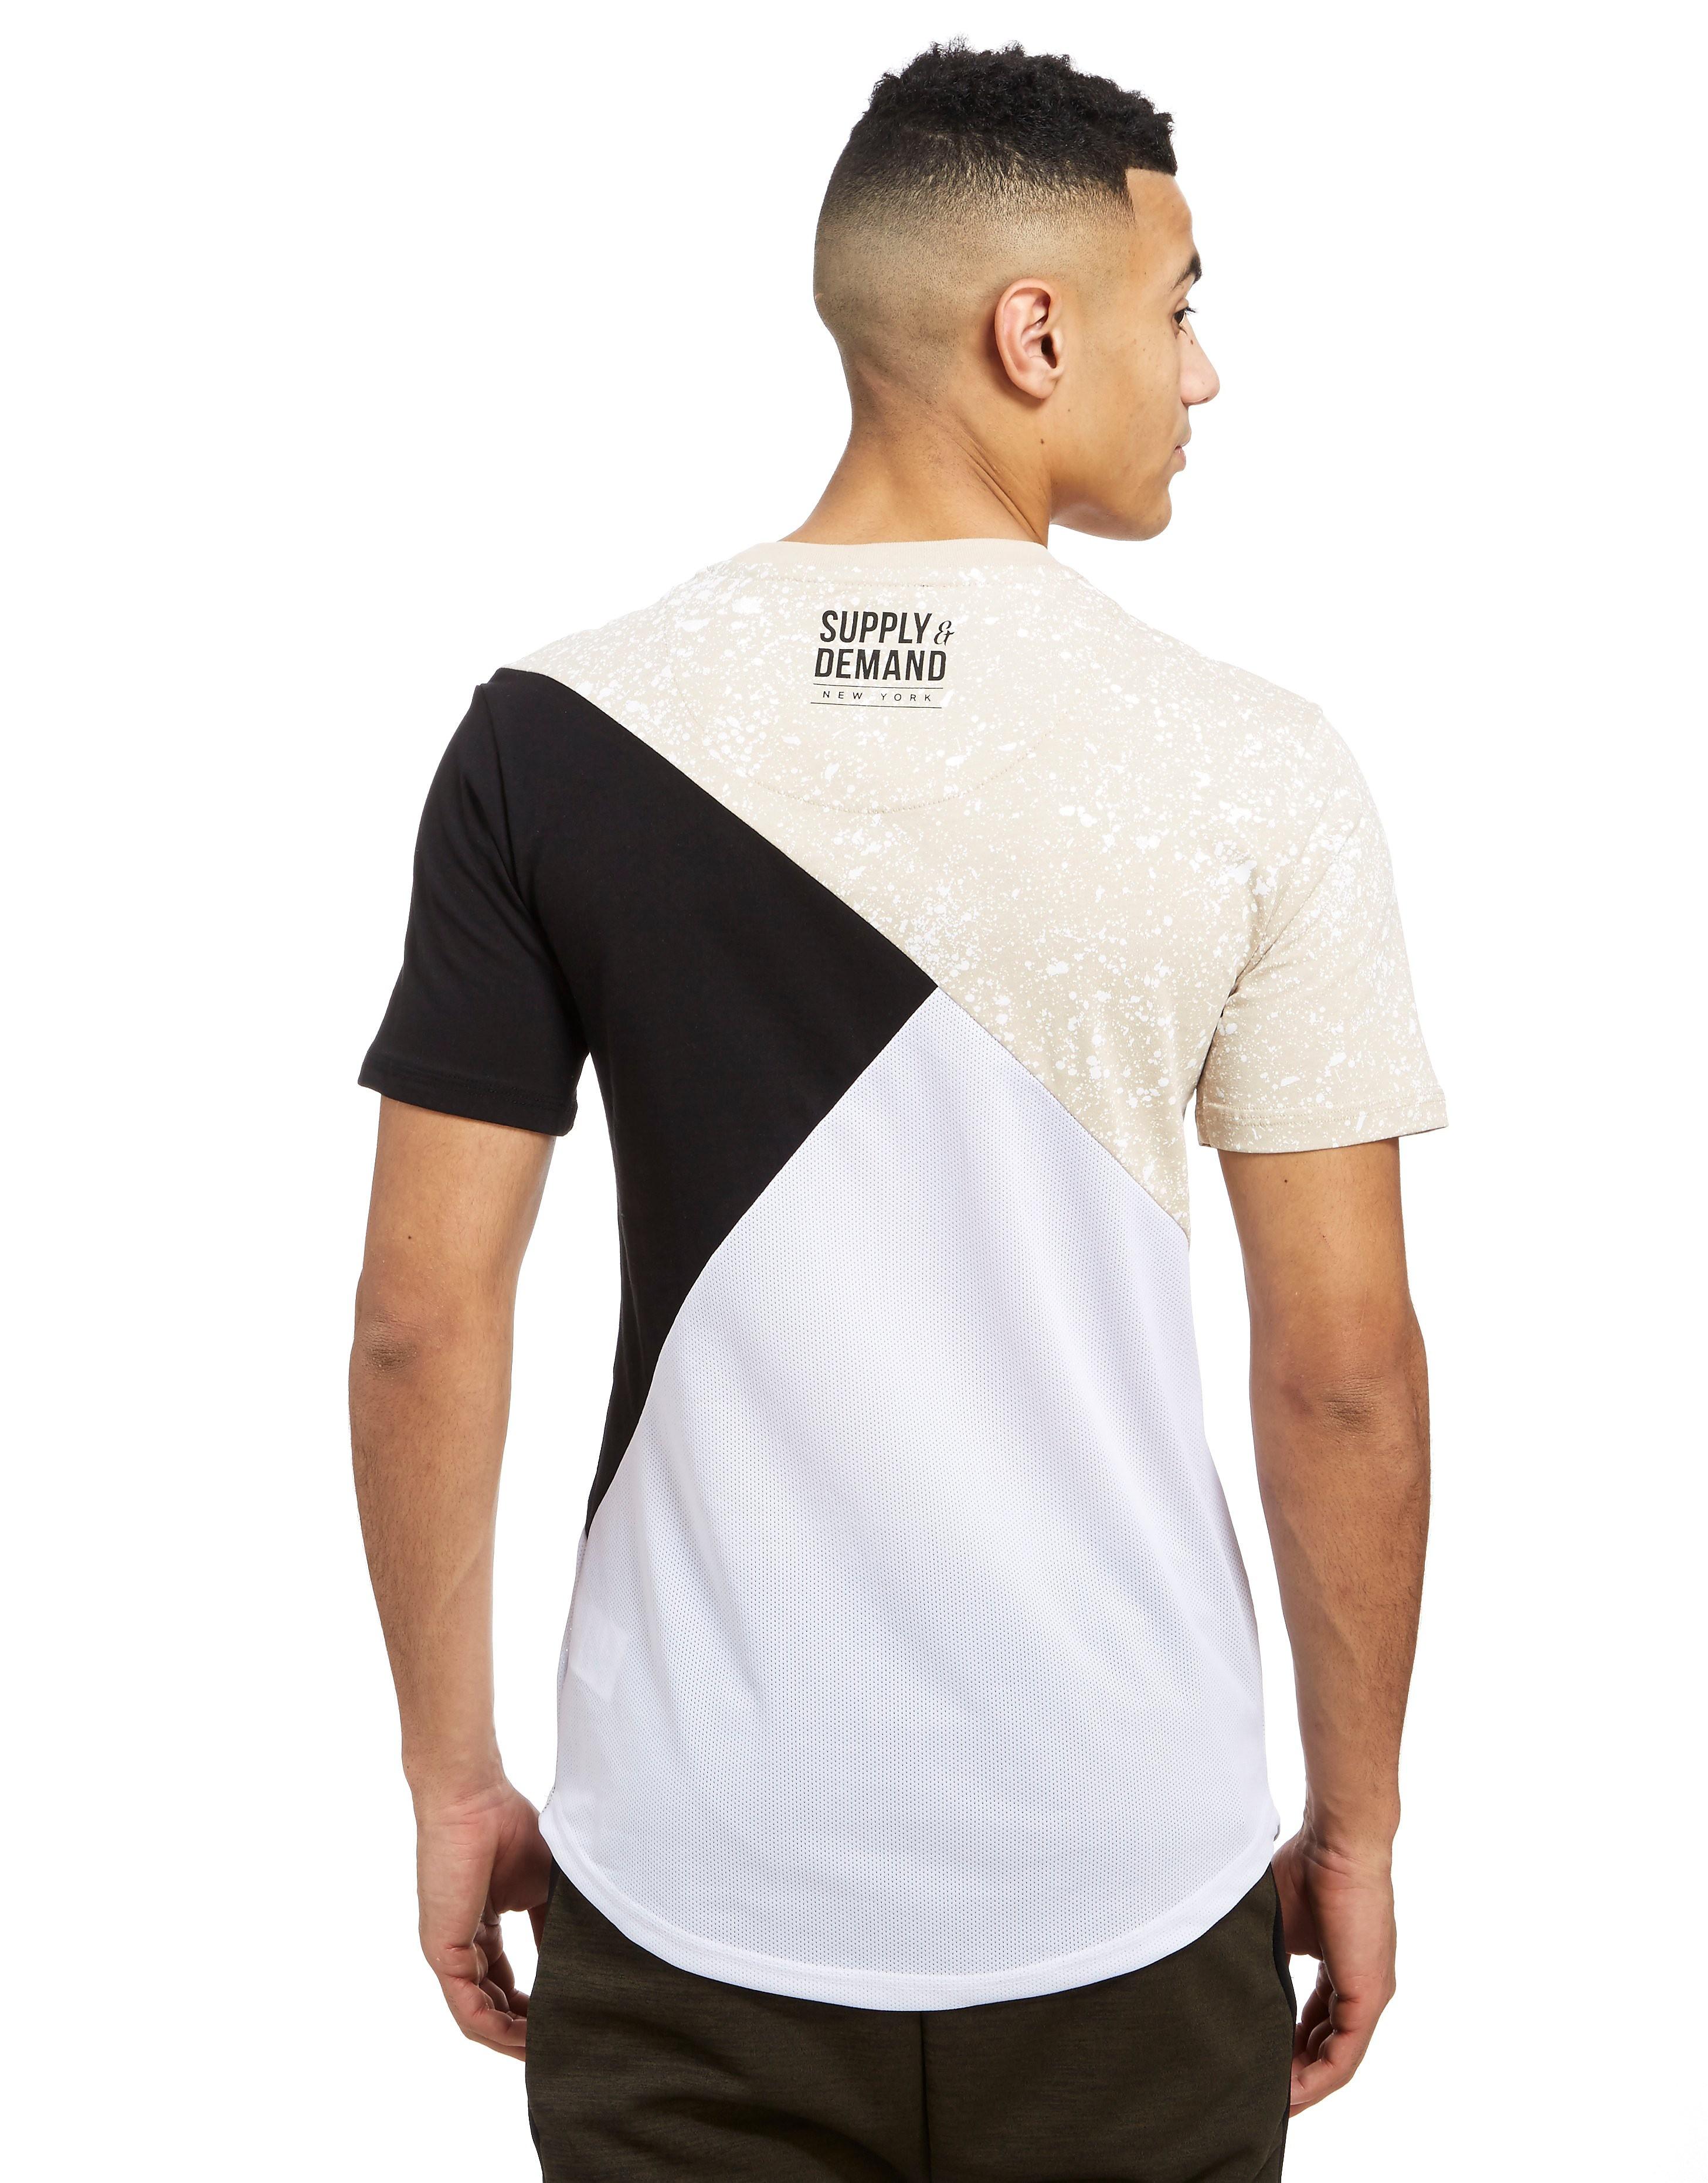 Supply & Demand Zipped Sand T-Shirt